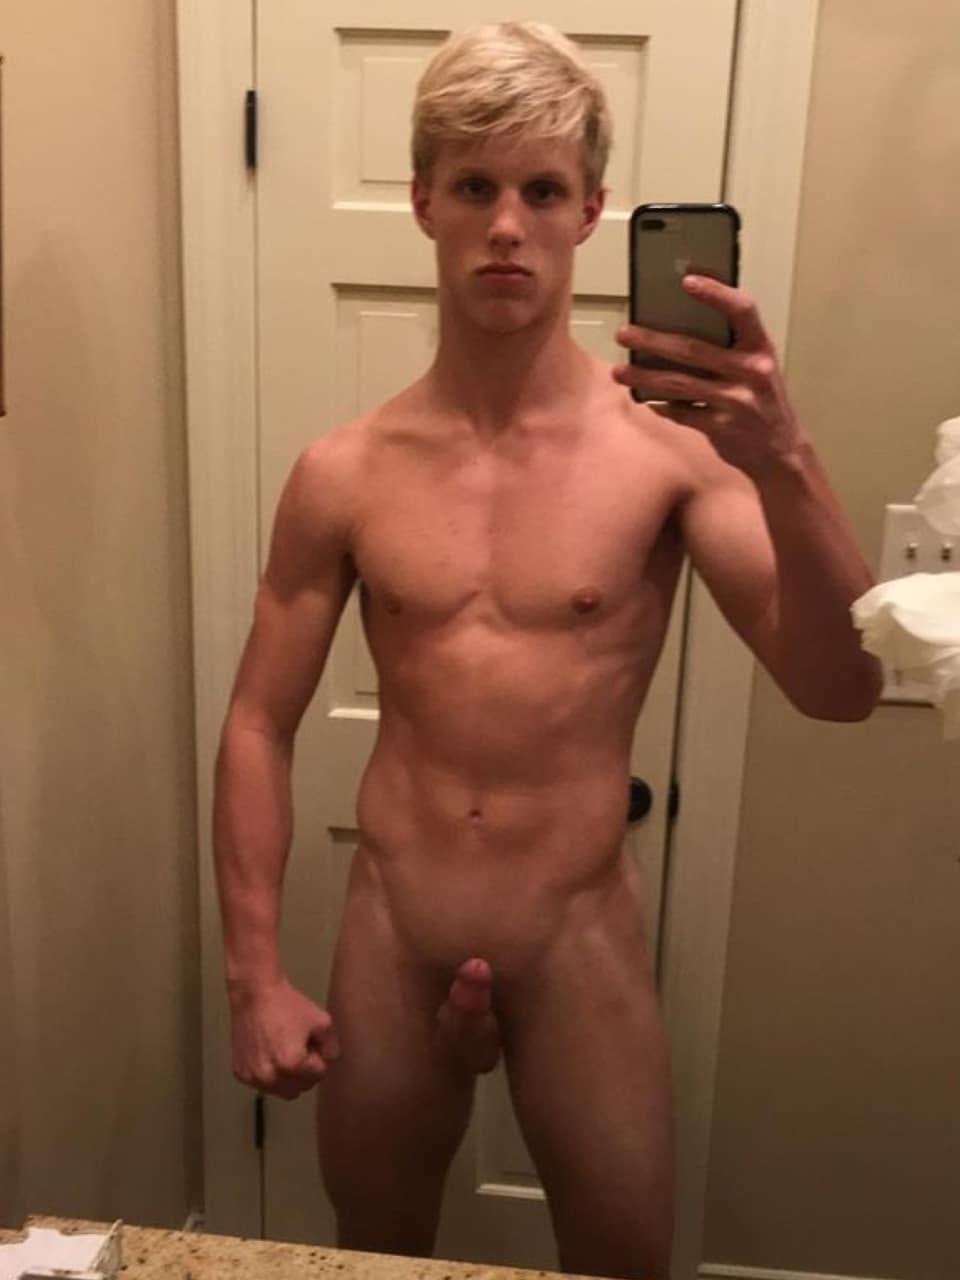 Nude mirror boy